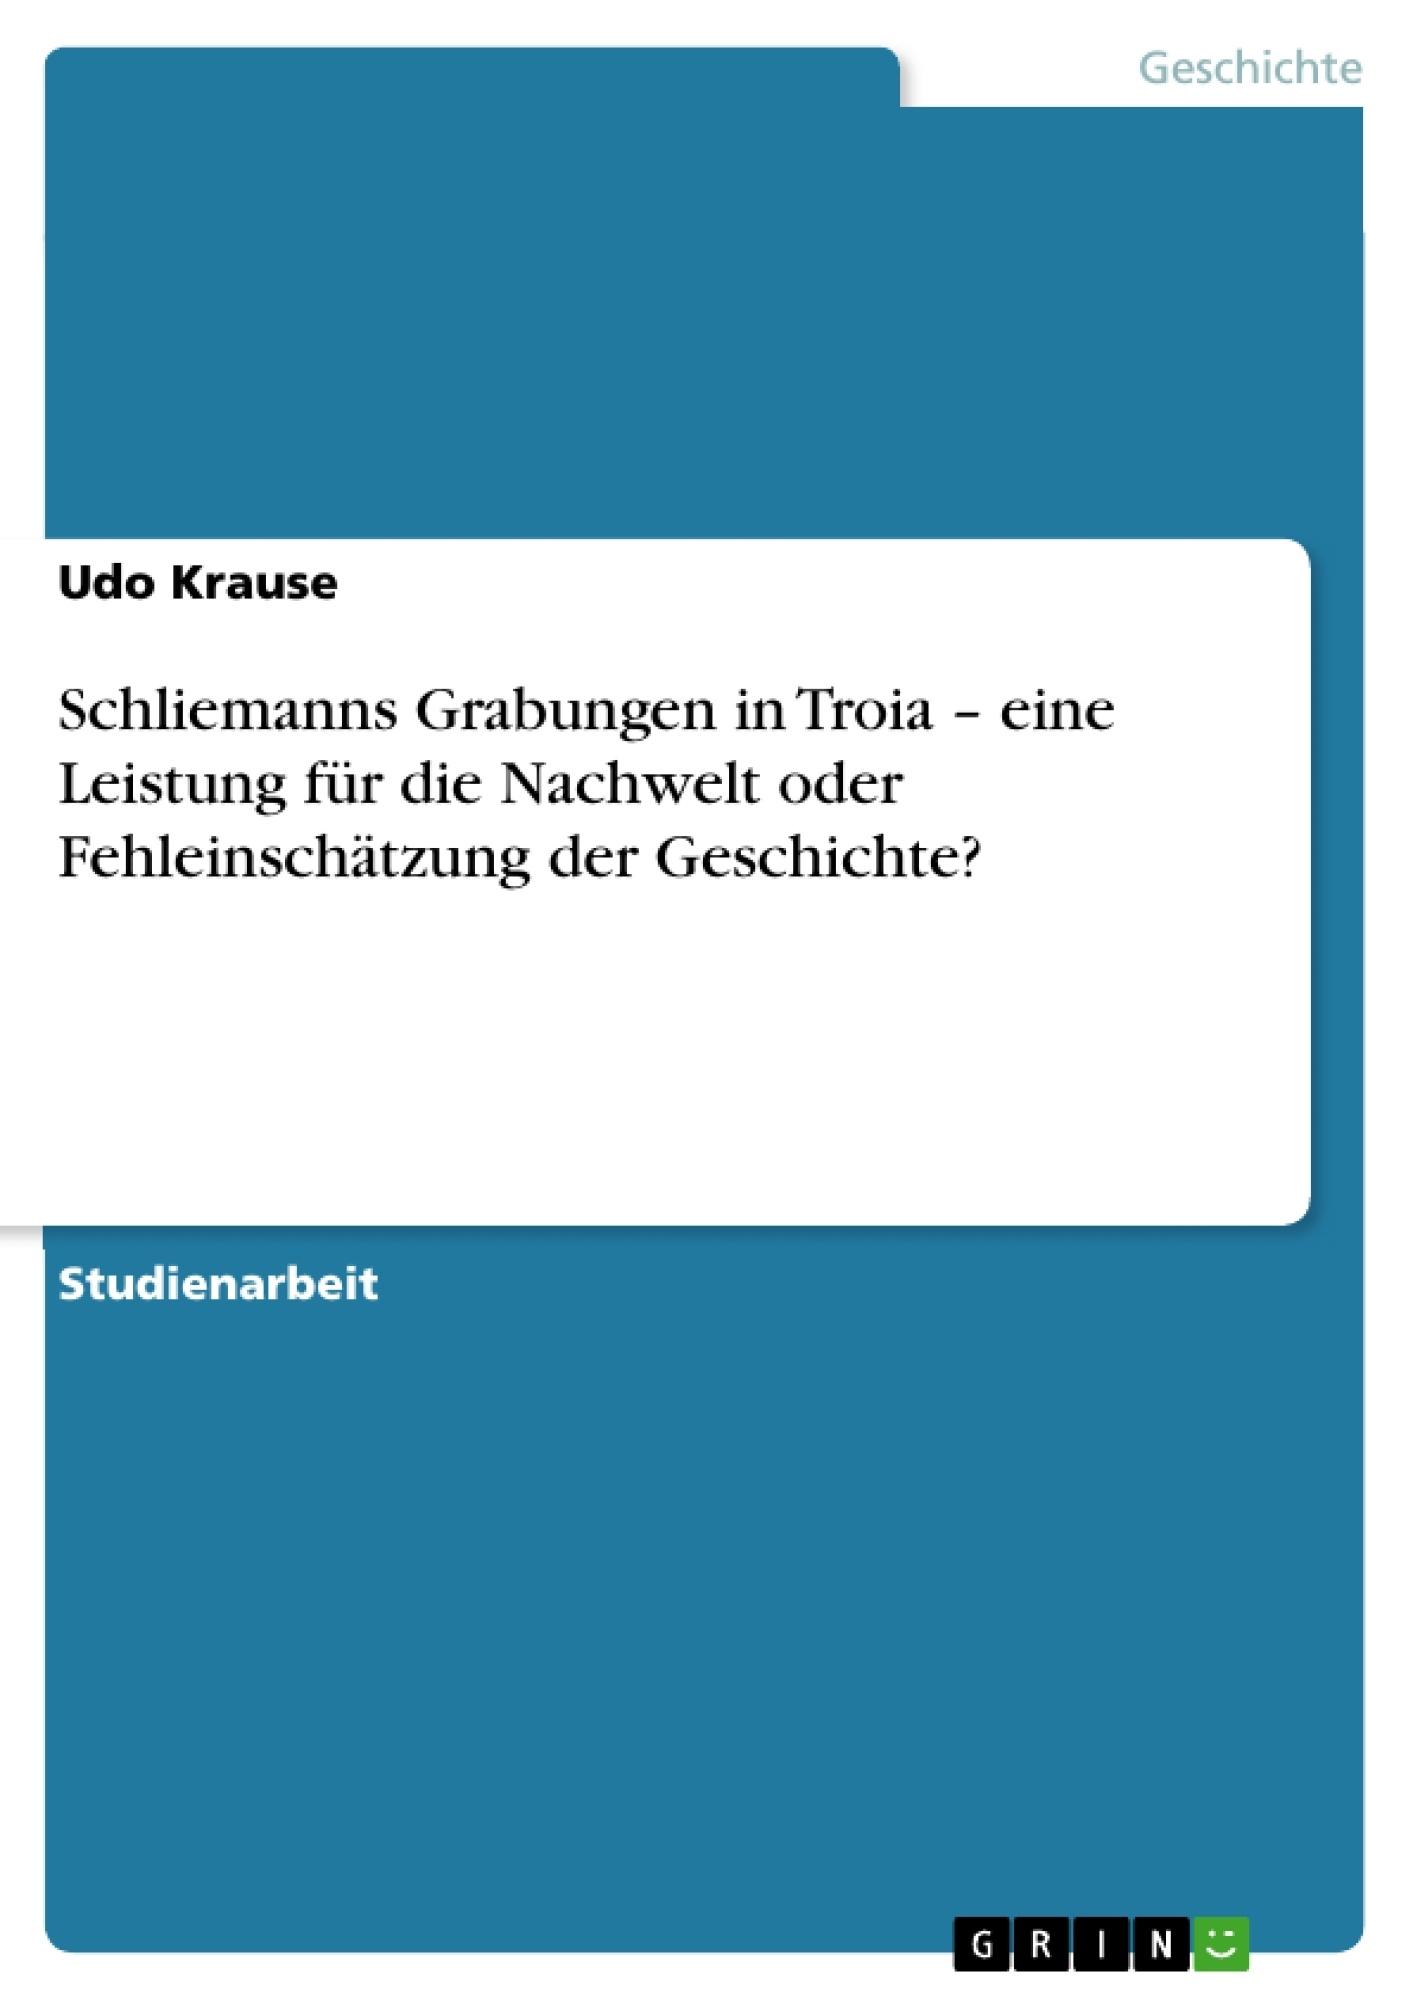 Titel: Schliemanns Grabungen in Troia – eine Leistung für die Nachwelt oder Fehleinschätzung der Geschichte?